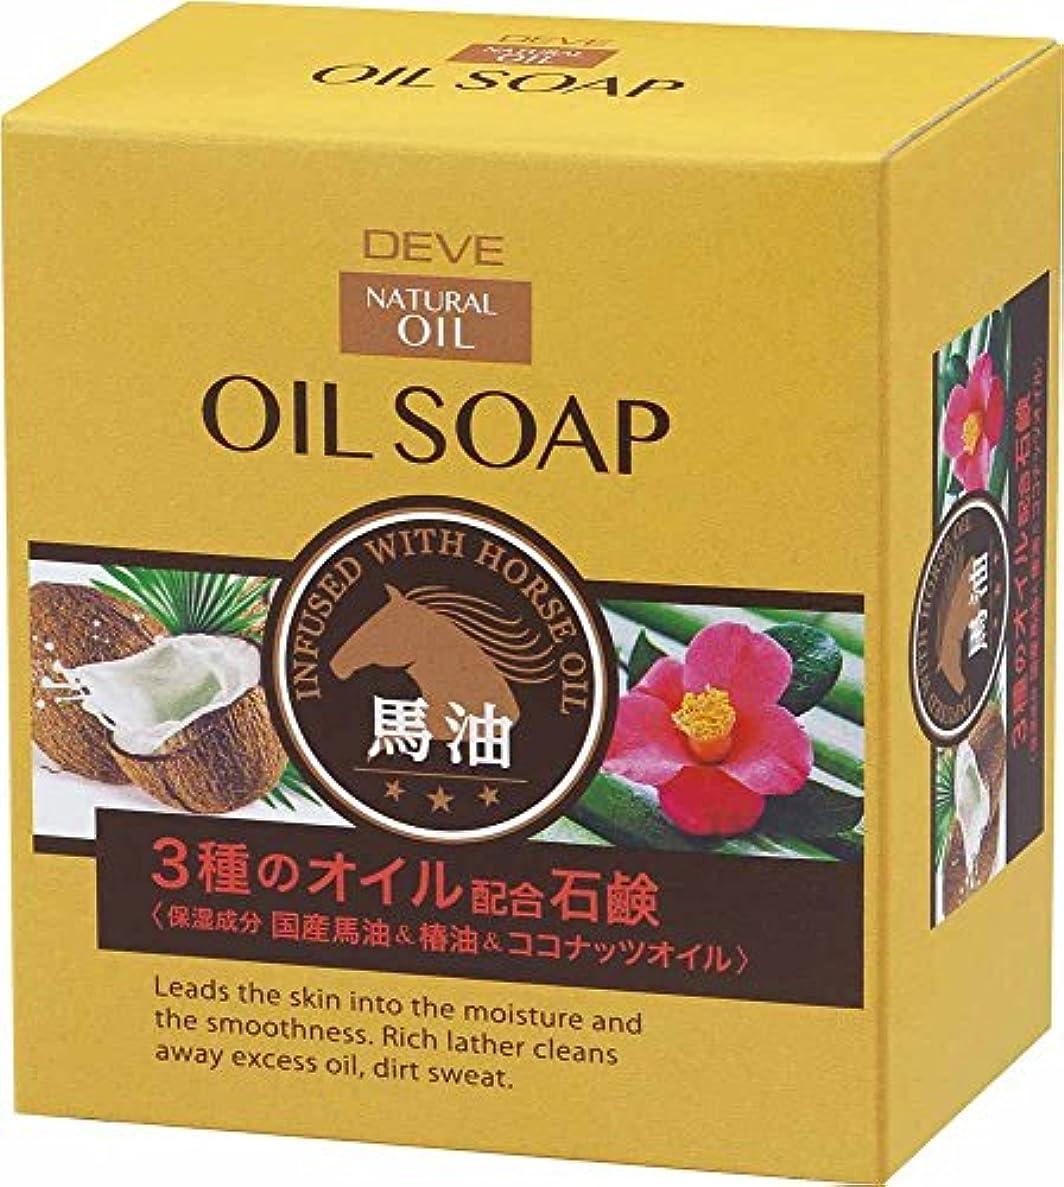 ブランドシンプルさディブ 3種のオイルせっけん(馬油?椿油?ココナッツオイル) 100g